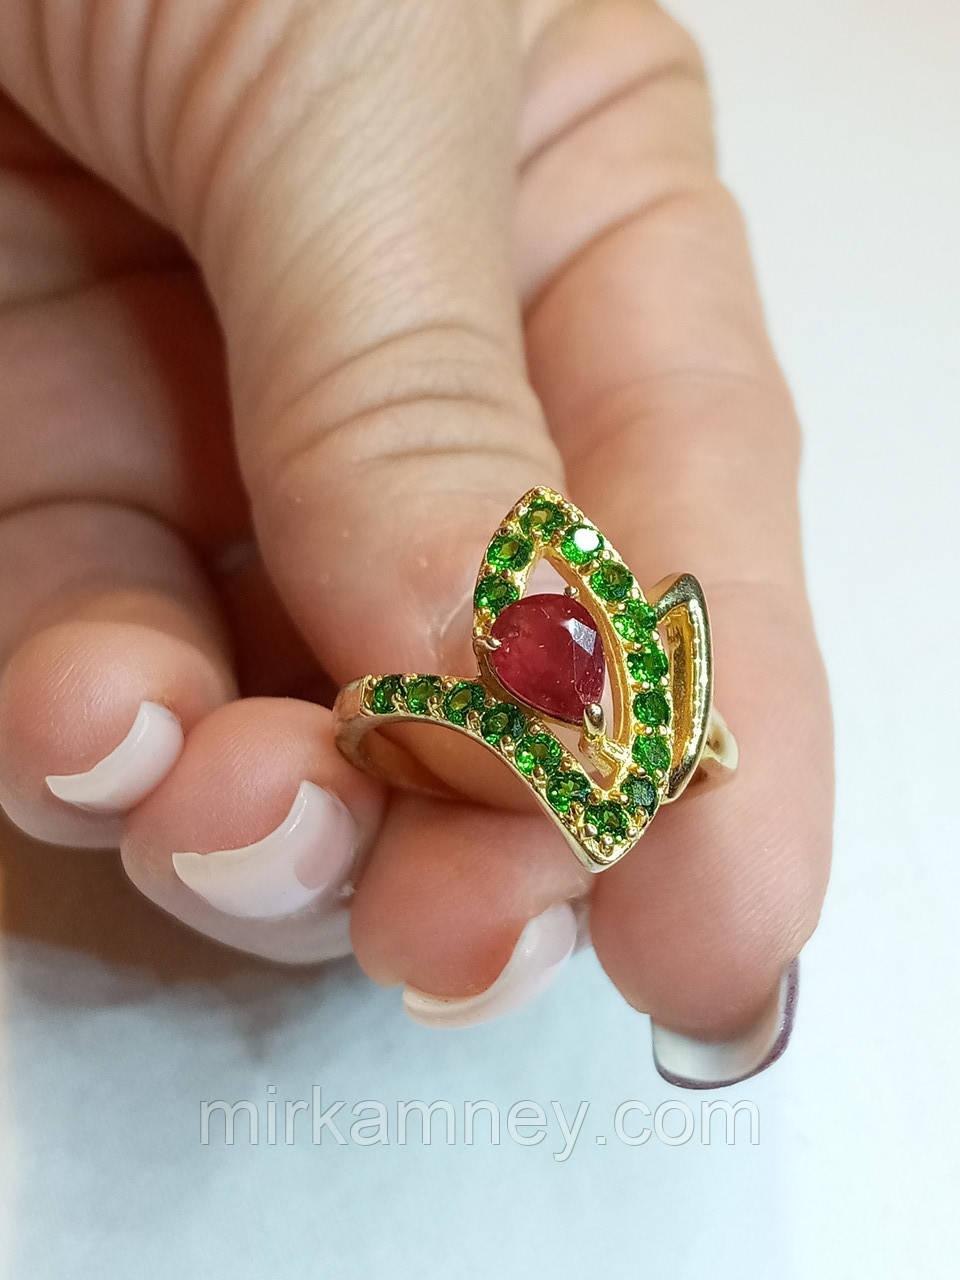 Кольцо натуральный камень Хромдиопсид и Рубин. Размер 17. Серебро 925, позолота 14 карат